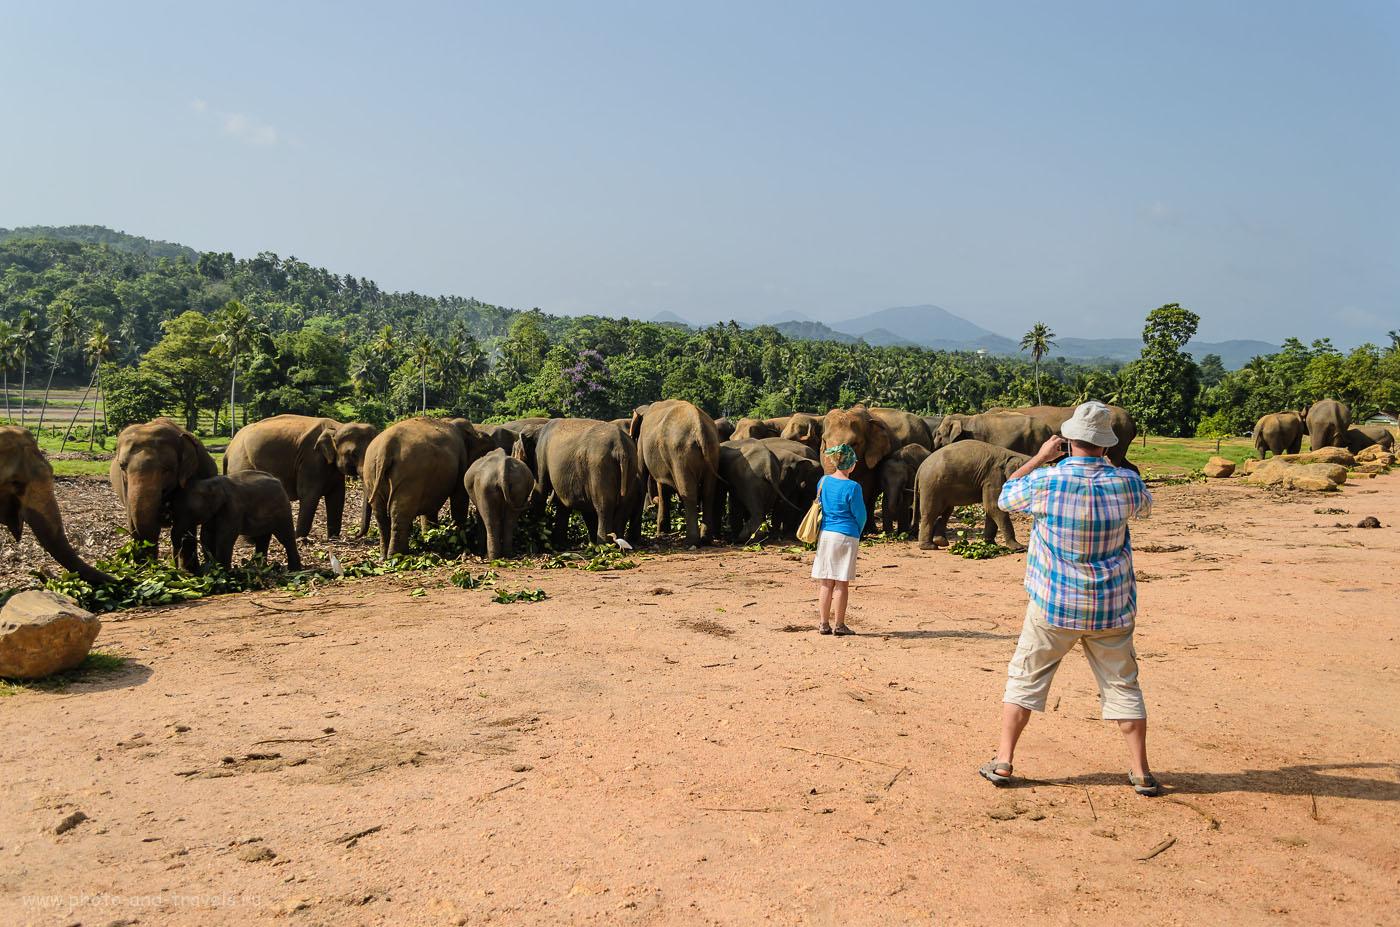 Фотография 4. Утреннее кормление в приюте для слонов Pinnawala Elephant Orphanage, что находится в деревне Пиннавела. Отзывы туристов об экскурсиях на Шри-Ланке.